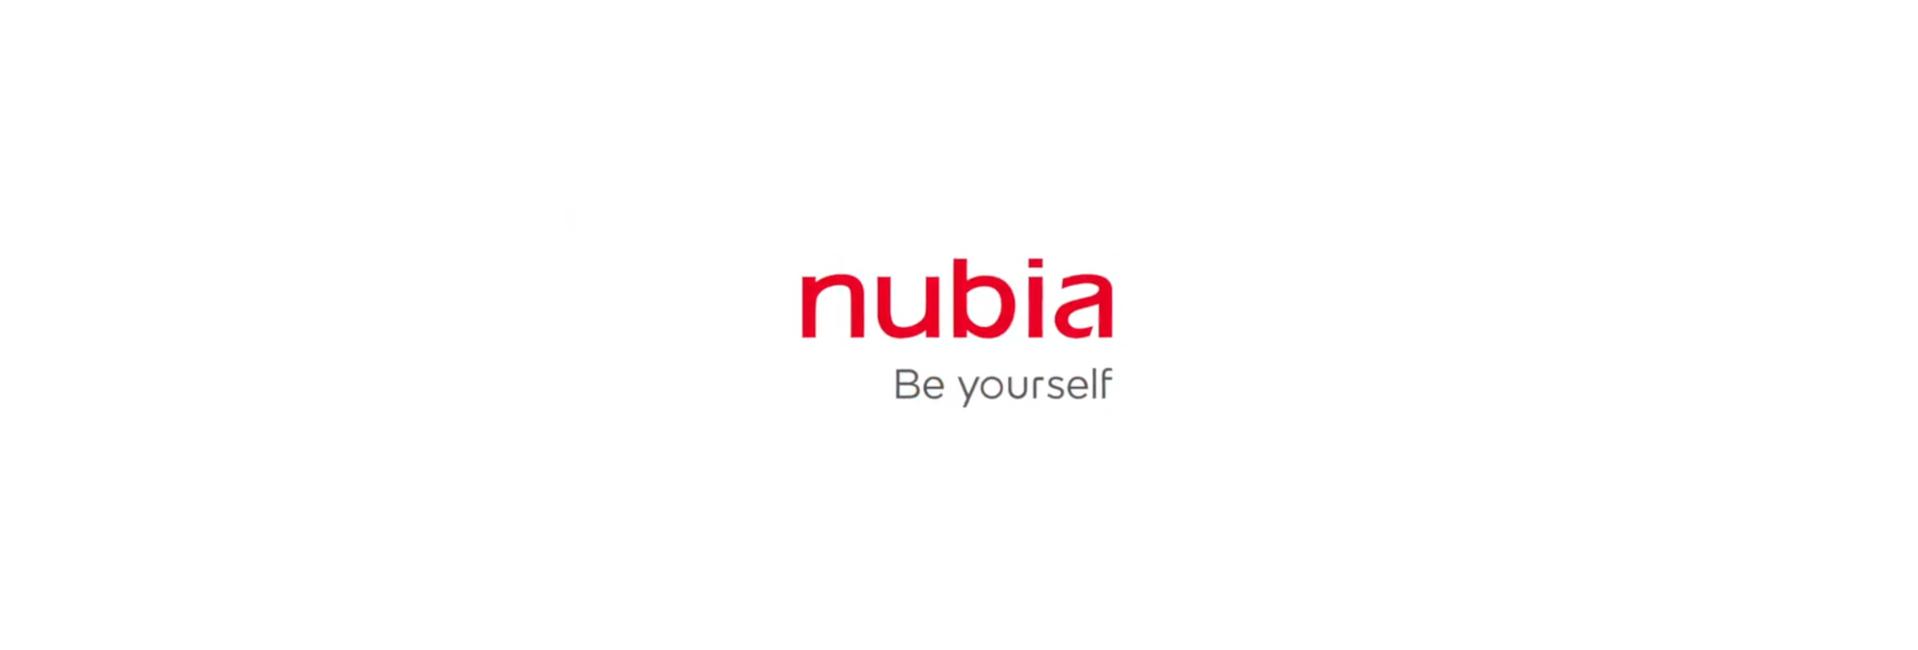 Nubia odświeża swoje logo - prostota i czytelność 29